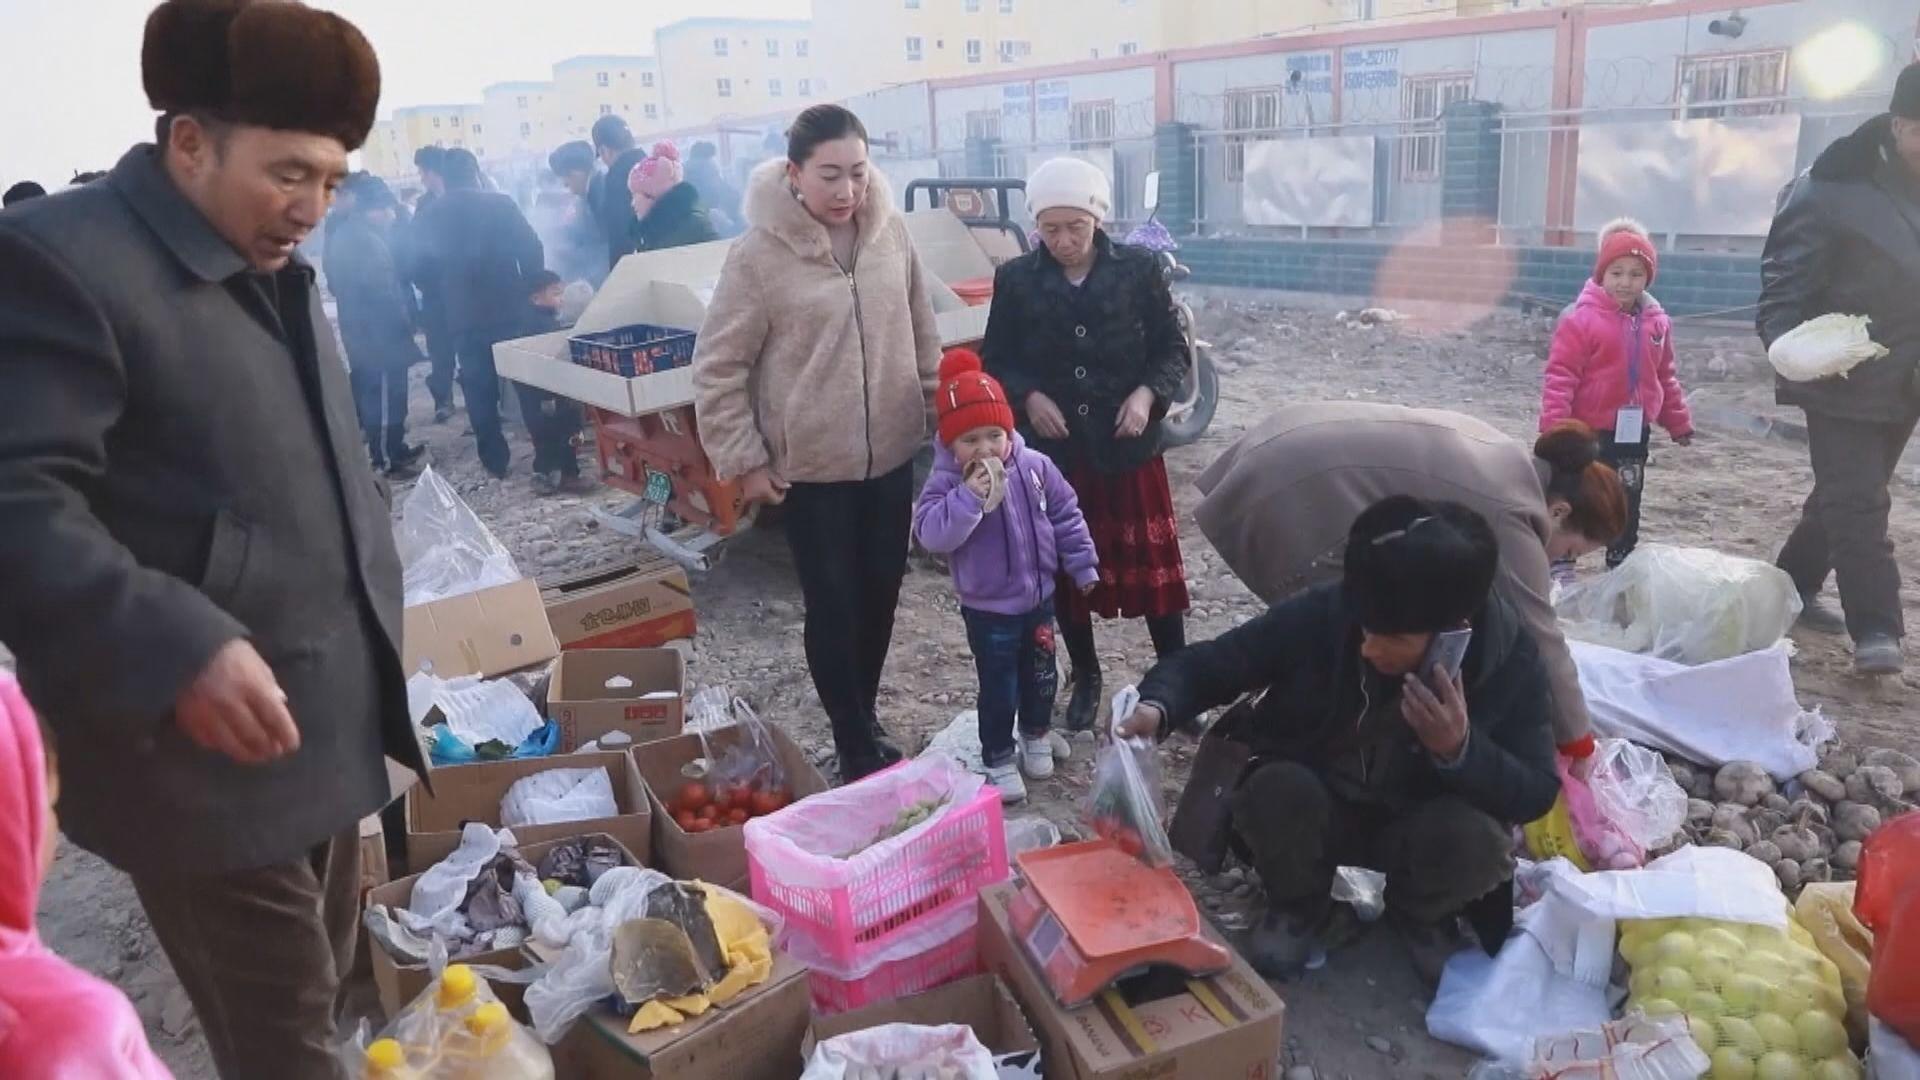 加眾議院認定中國種族滅絕新疆維吾爾人 中駐加使館批是惡意挑釁